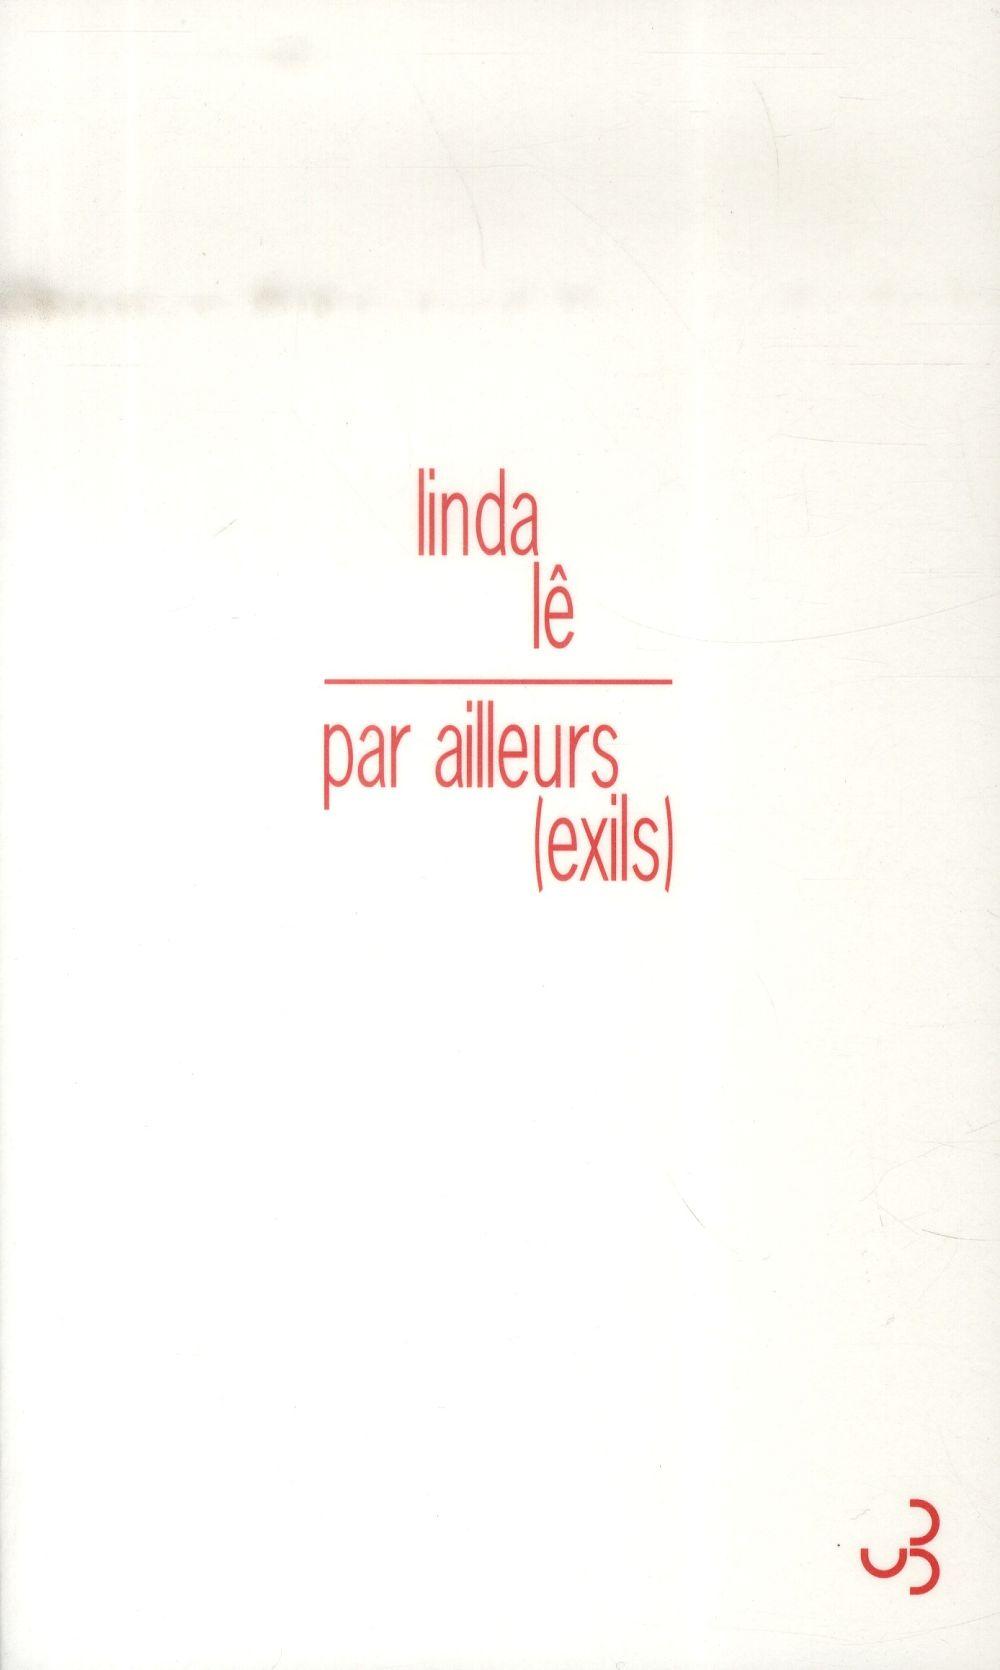 PAR AILLEURS (EXILS)